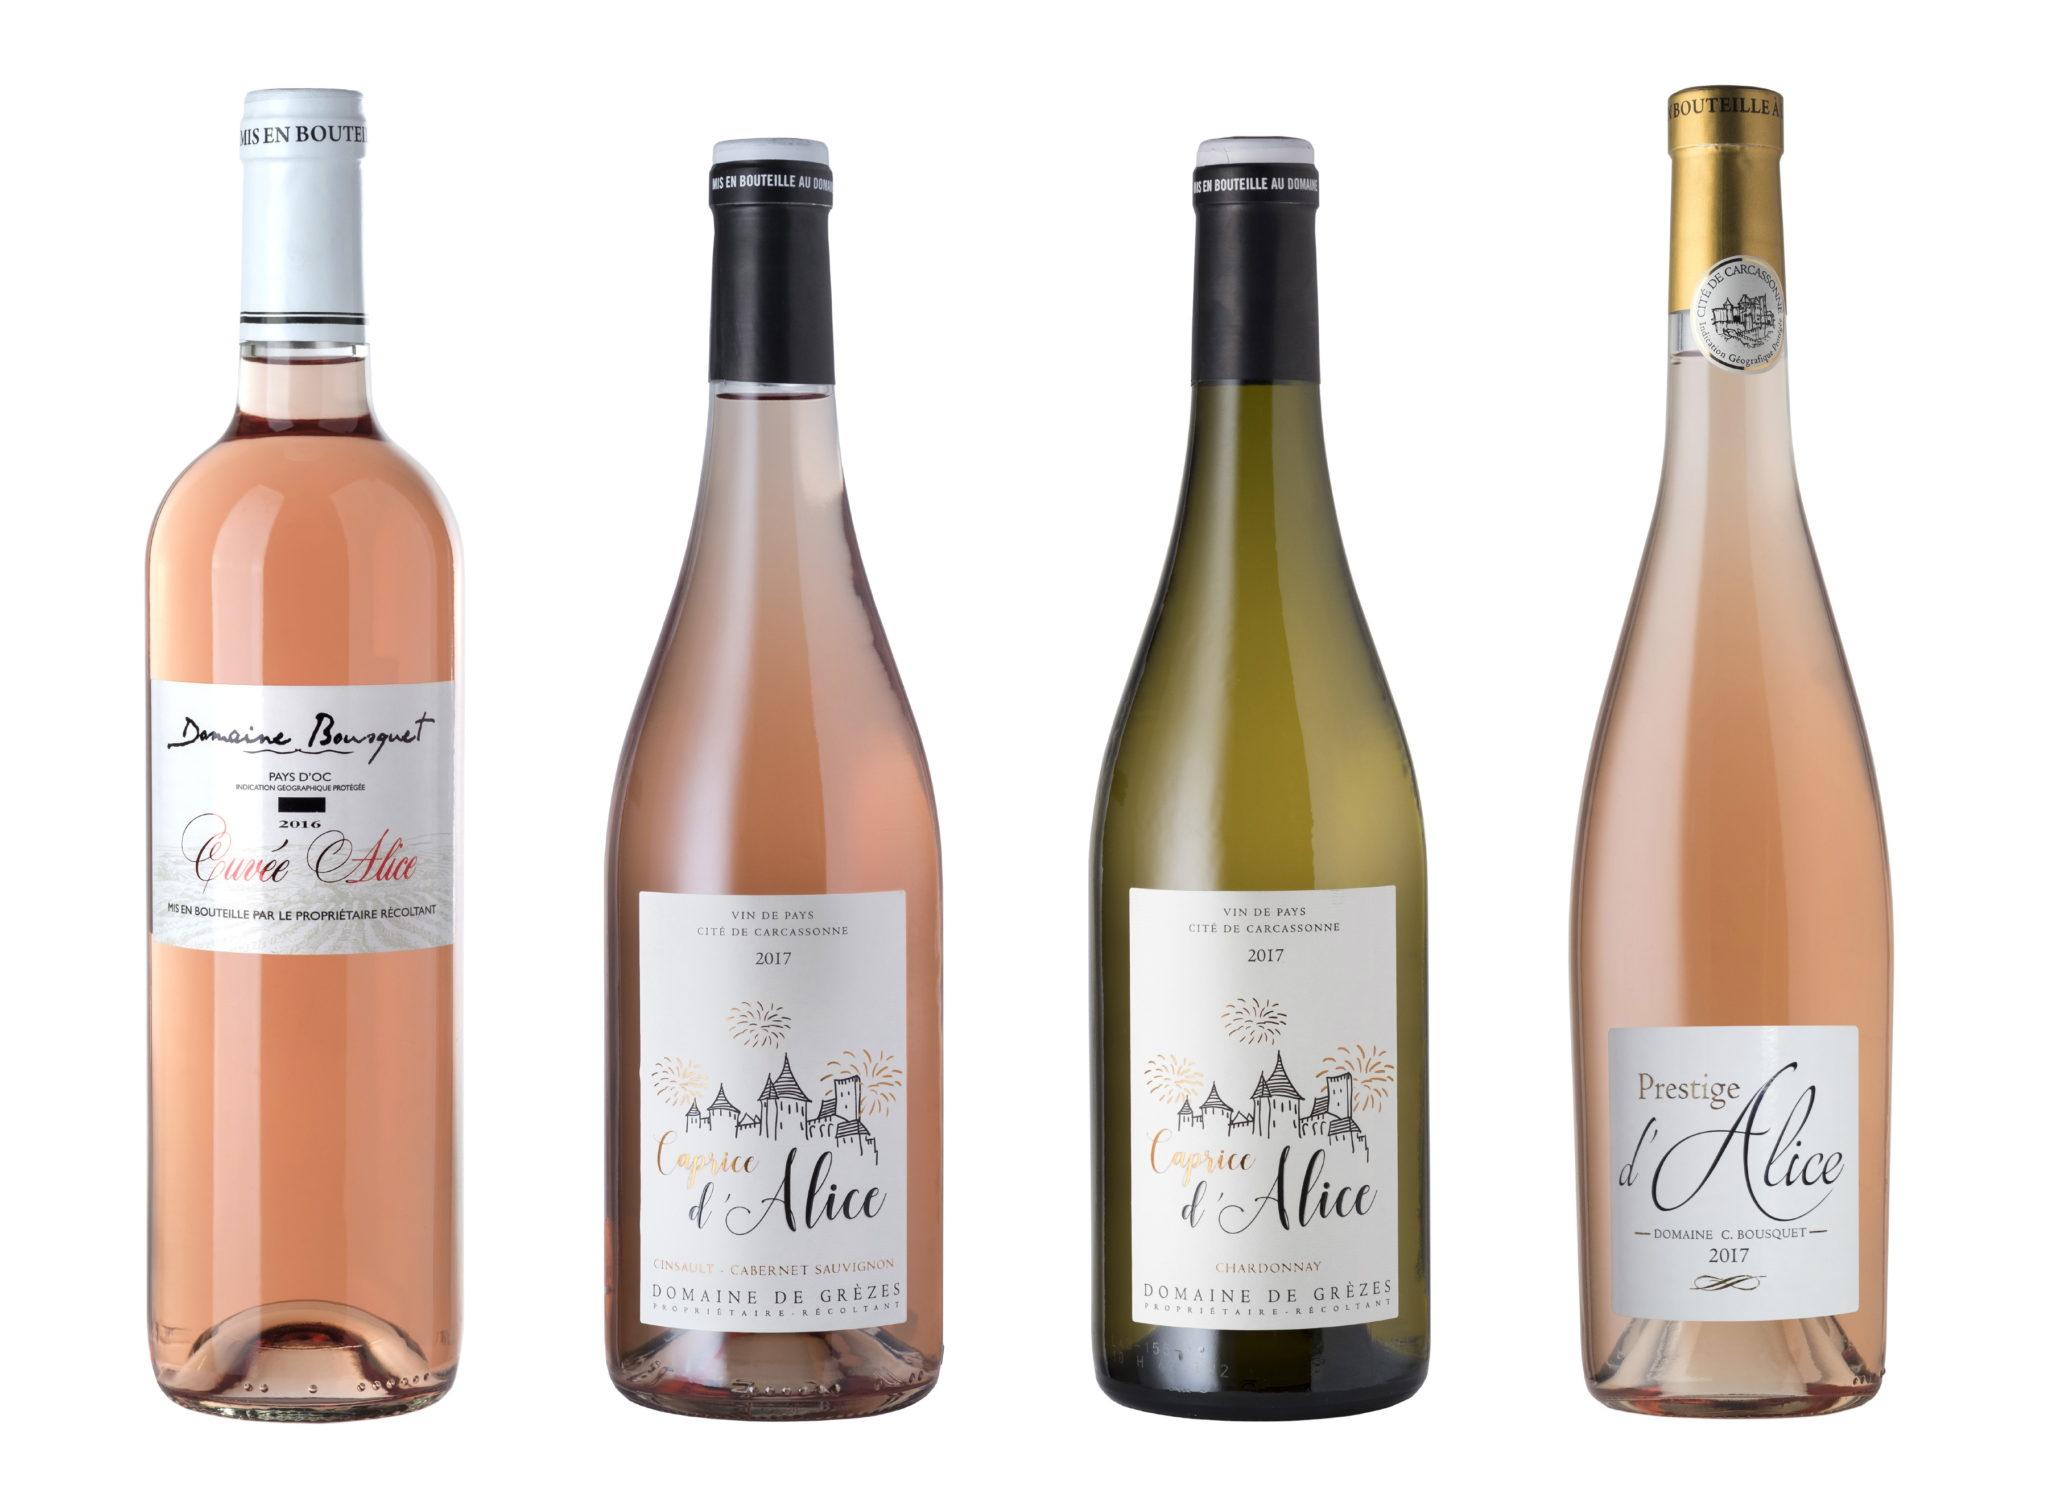 Prestige d'Alice Rosé - Domaine de Grezes - Vin de Pays de la Cite de Carcassonne